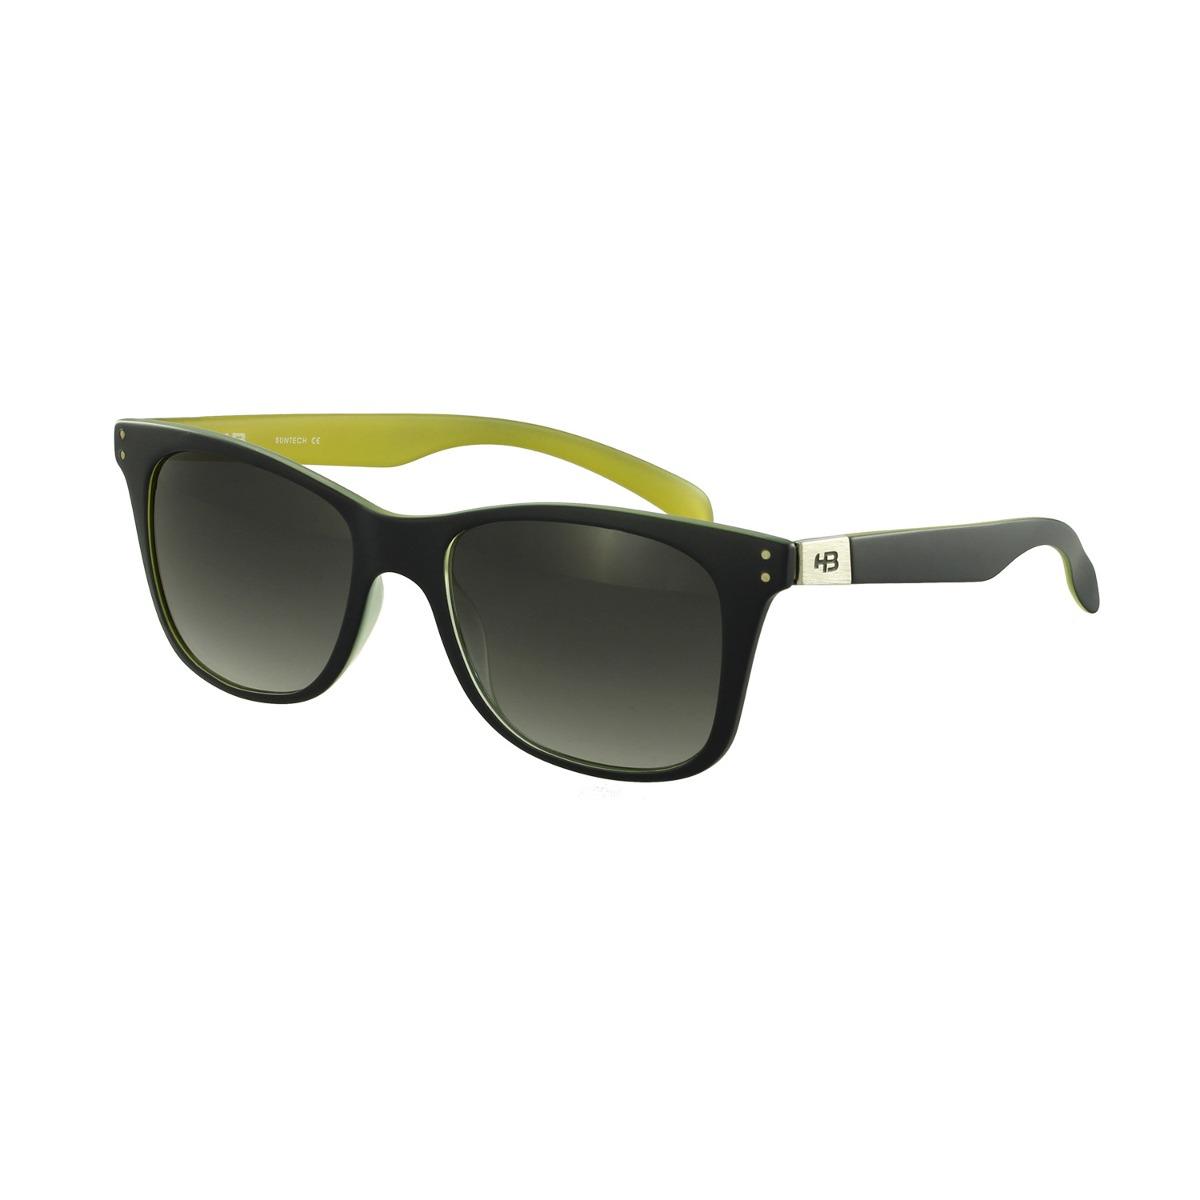 d82e5a417d36b Óculos De Sol Hot Buttered Casual Azul - R  285,00 em Mercado Livre